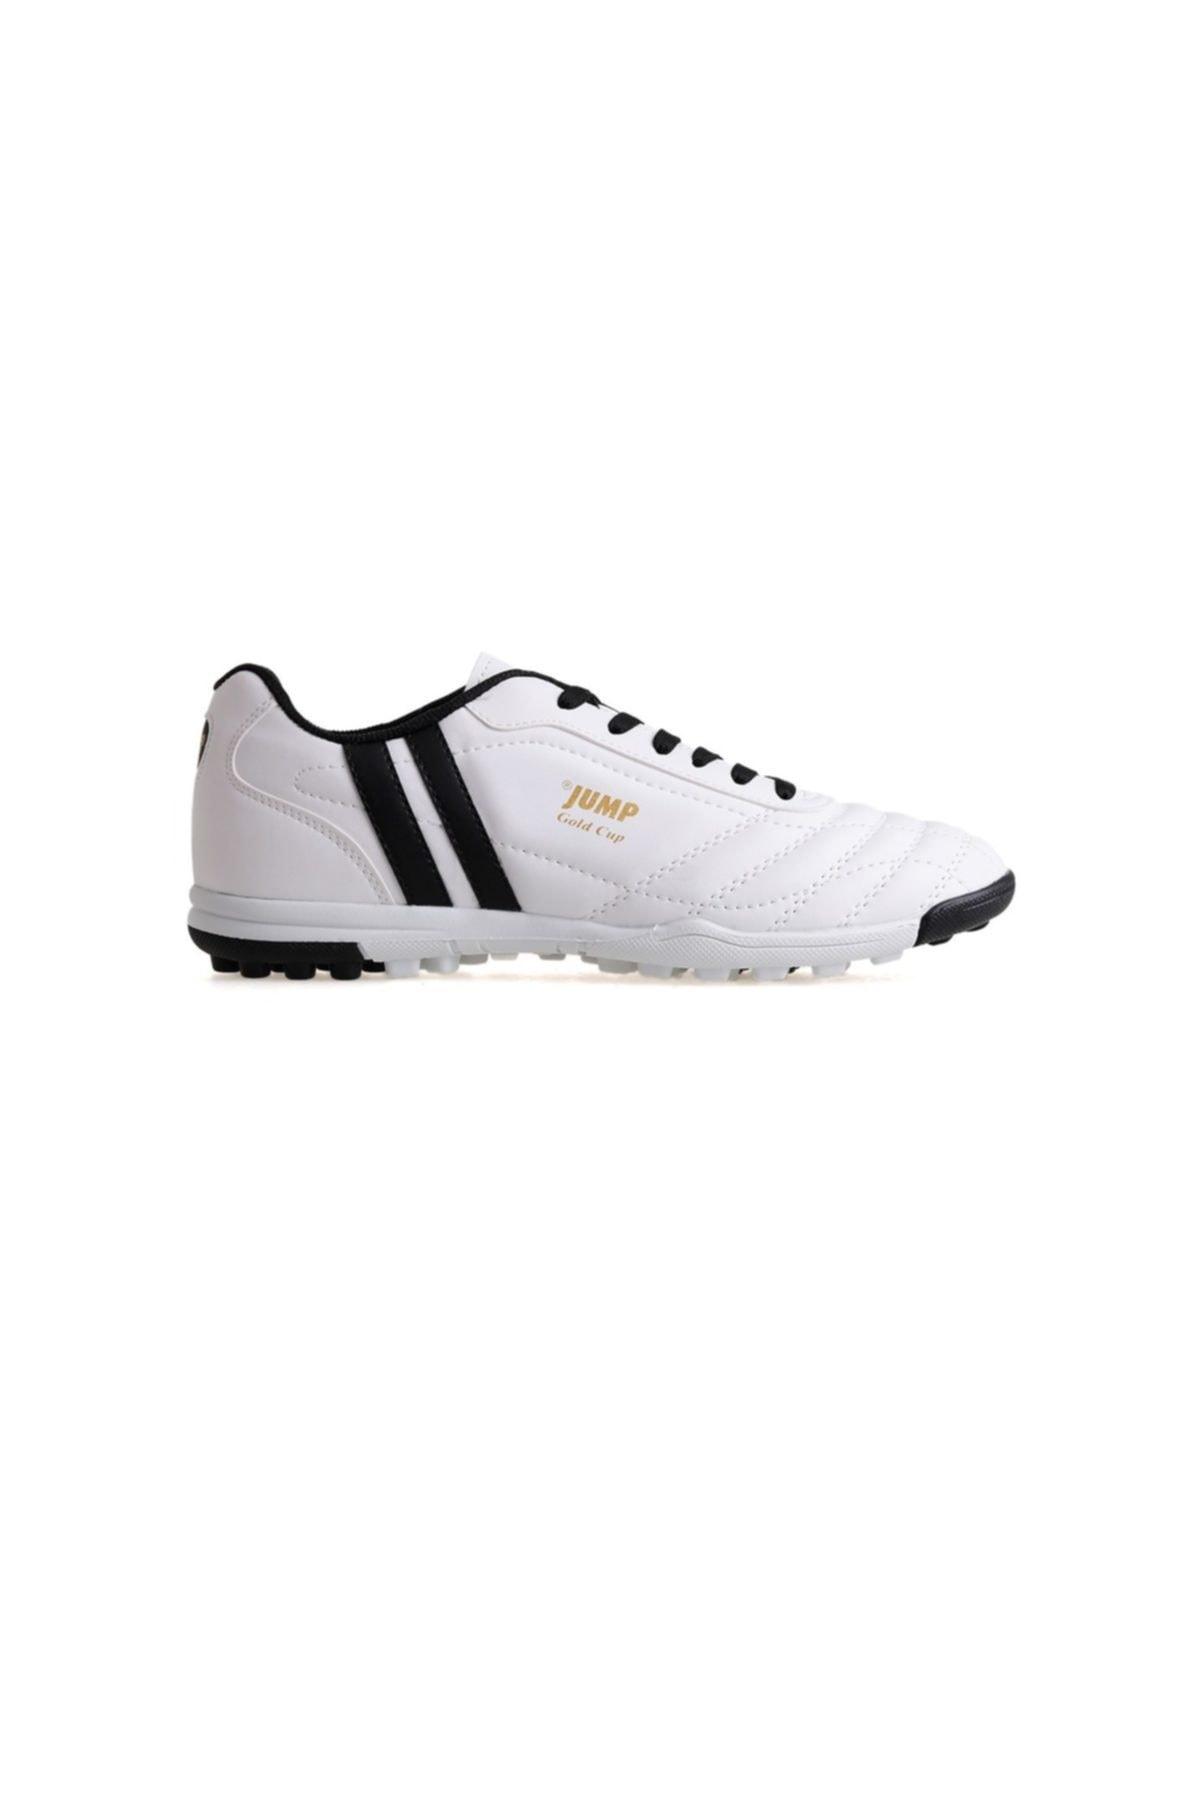 Jump Erkek Futbol Ayakkabısı 13258 Beyaz 1